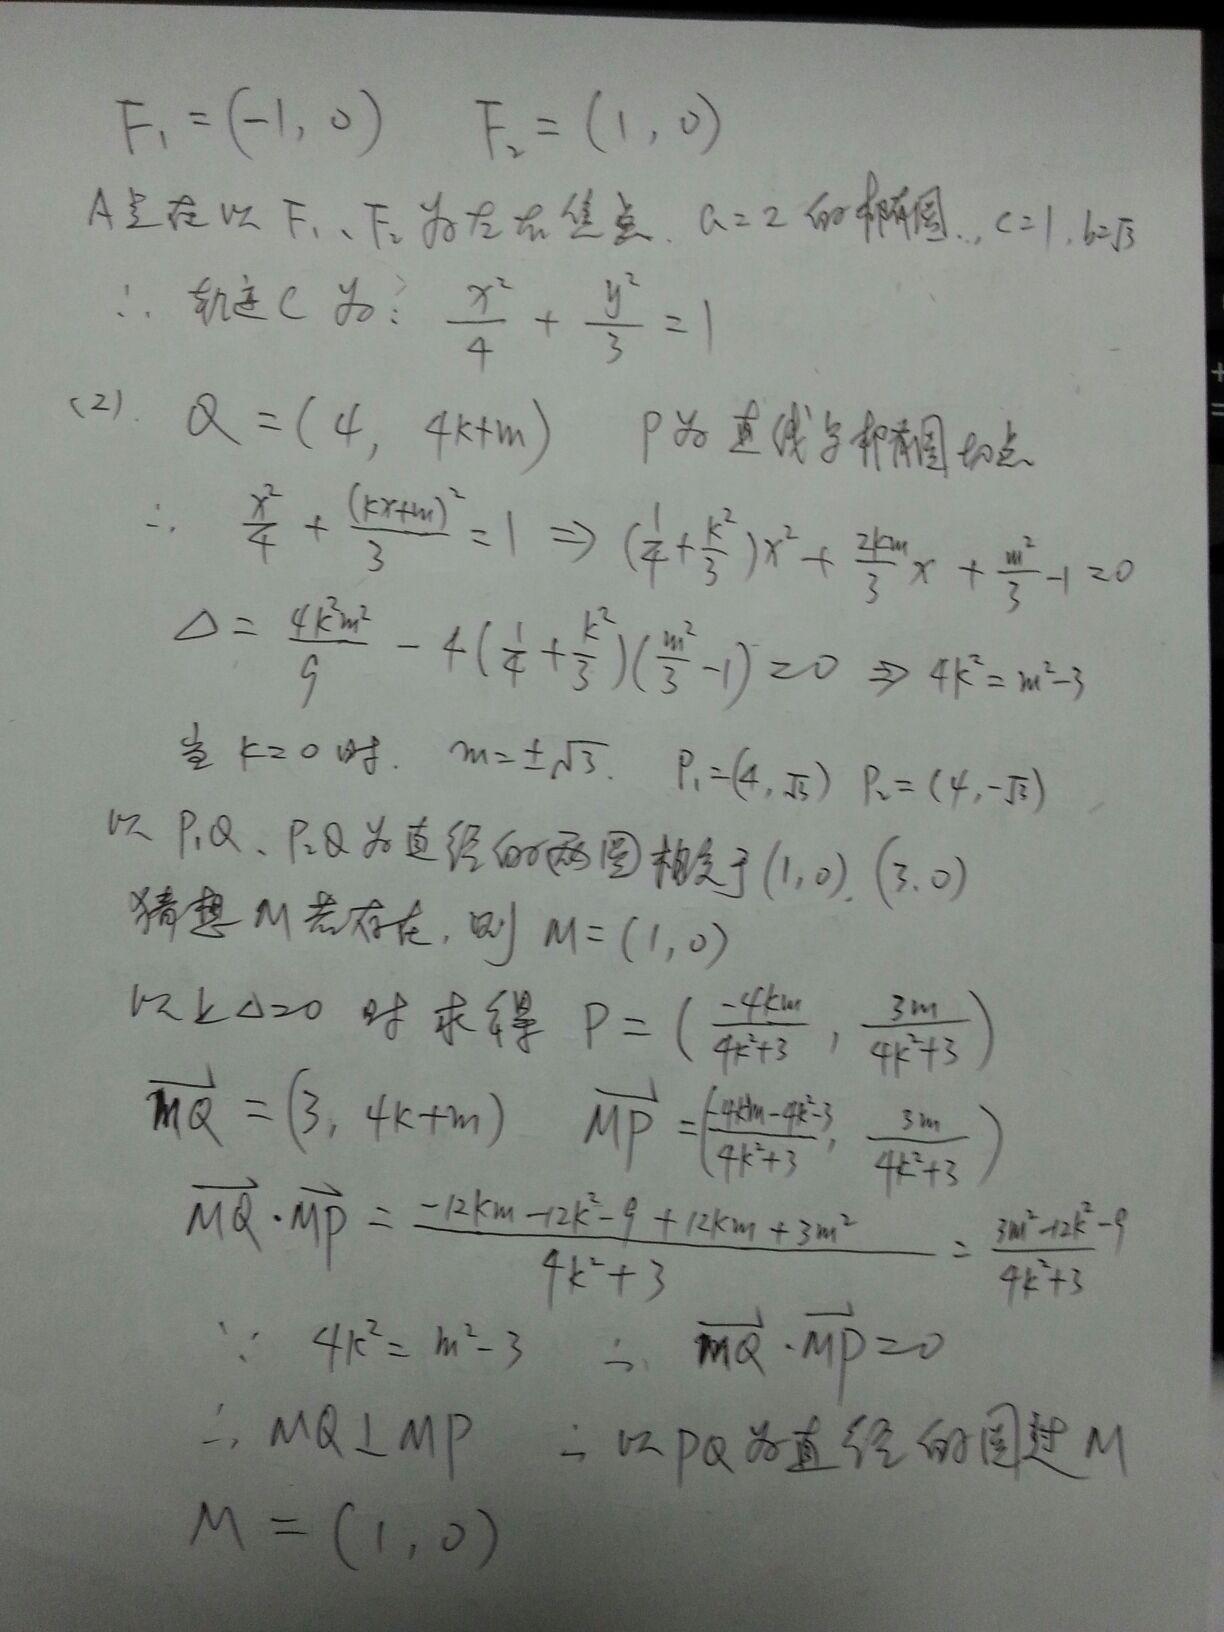 来问问大家数学初中初中一道几何求角一的题目是有度数课日语图片